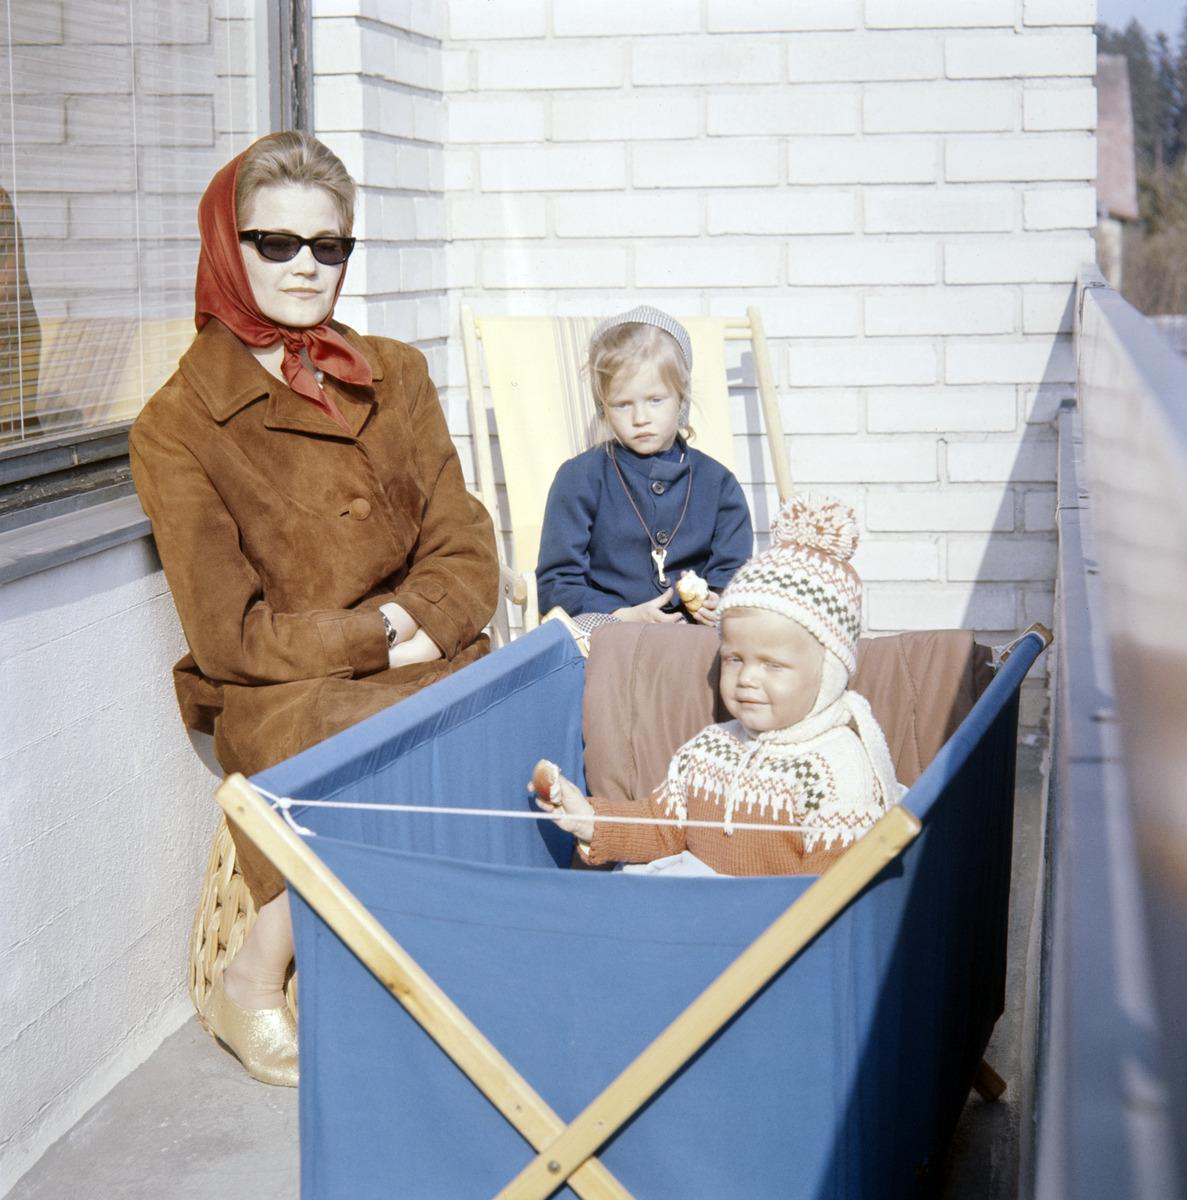 Äiti lasten kanssa parvekkeella aurinkolasit päässä